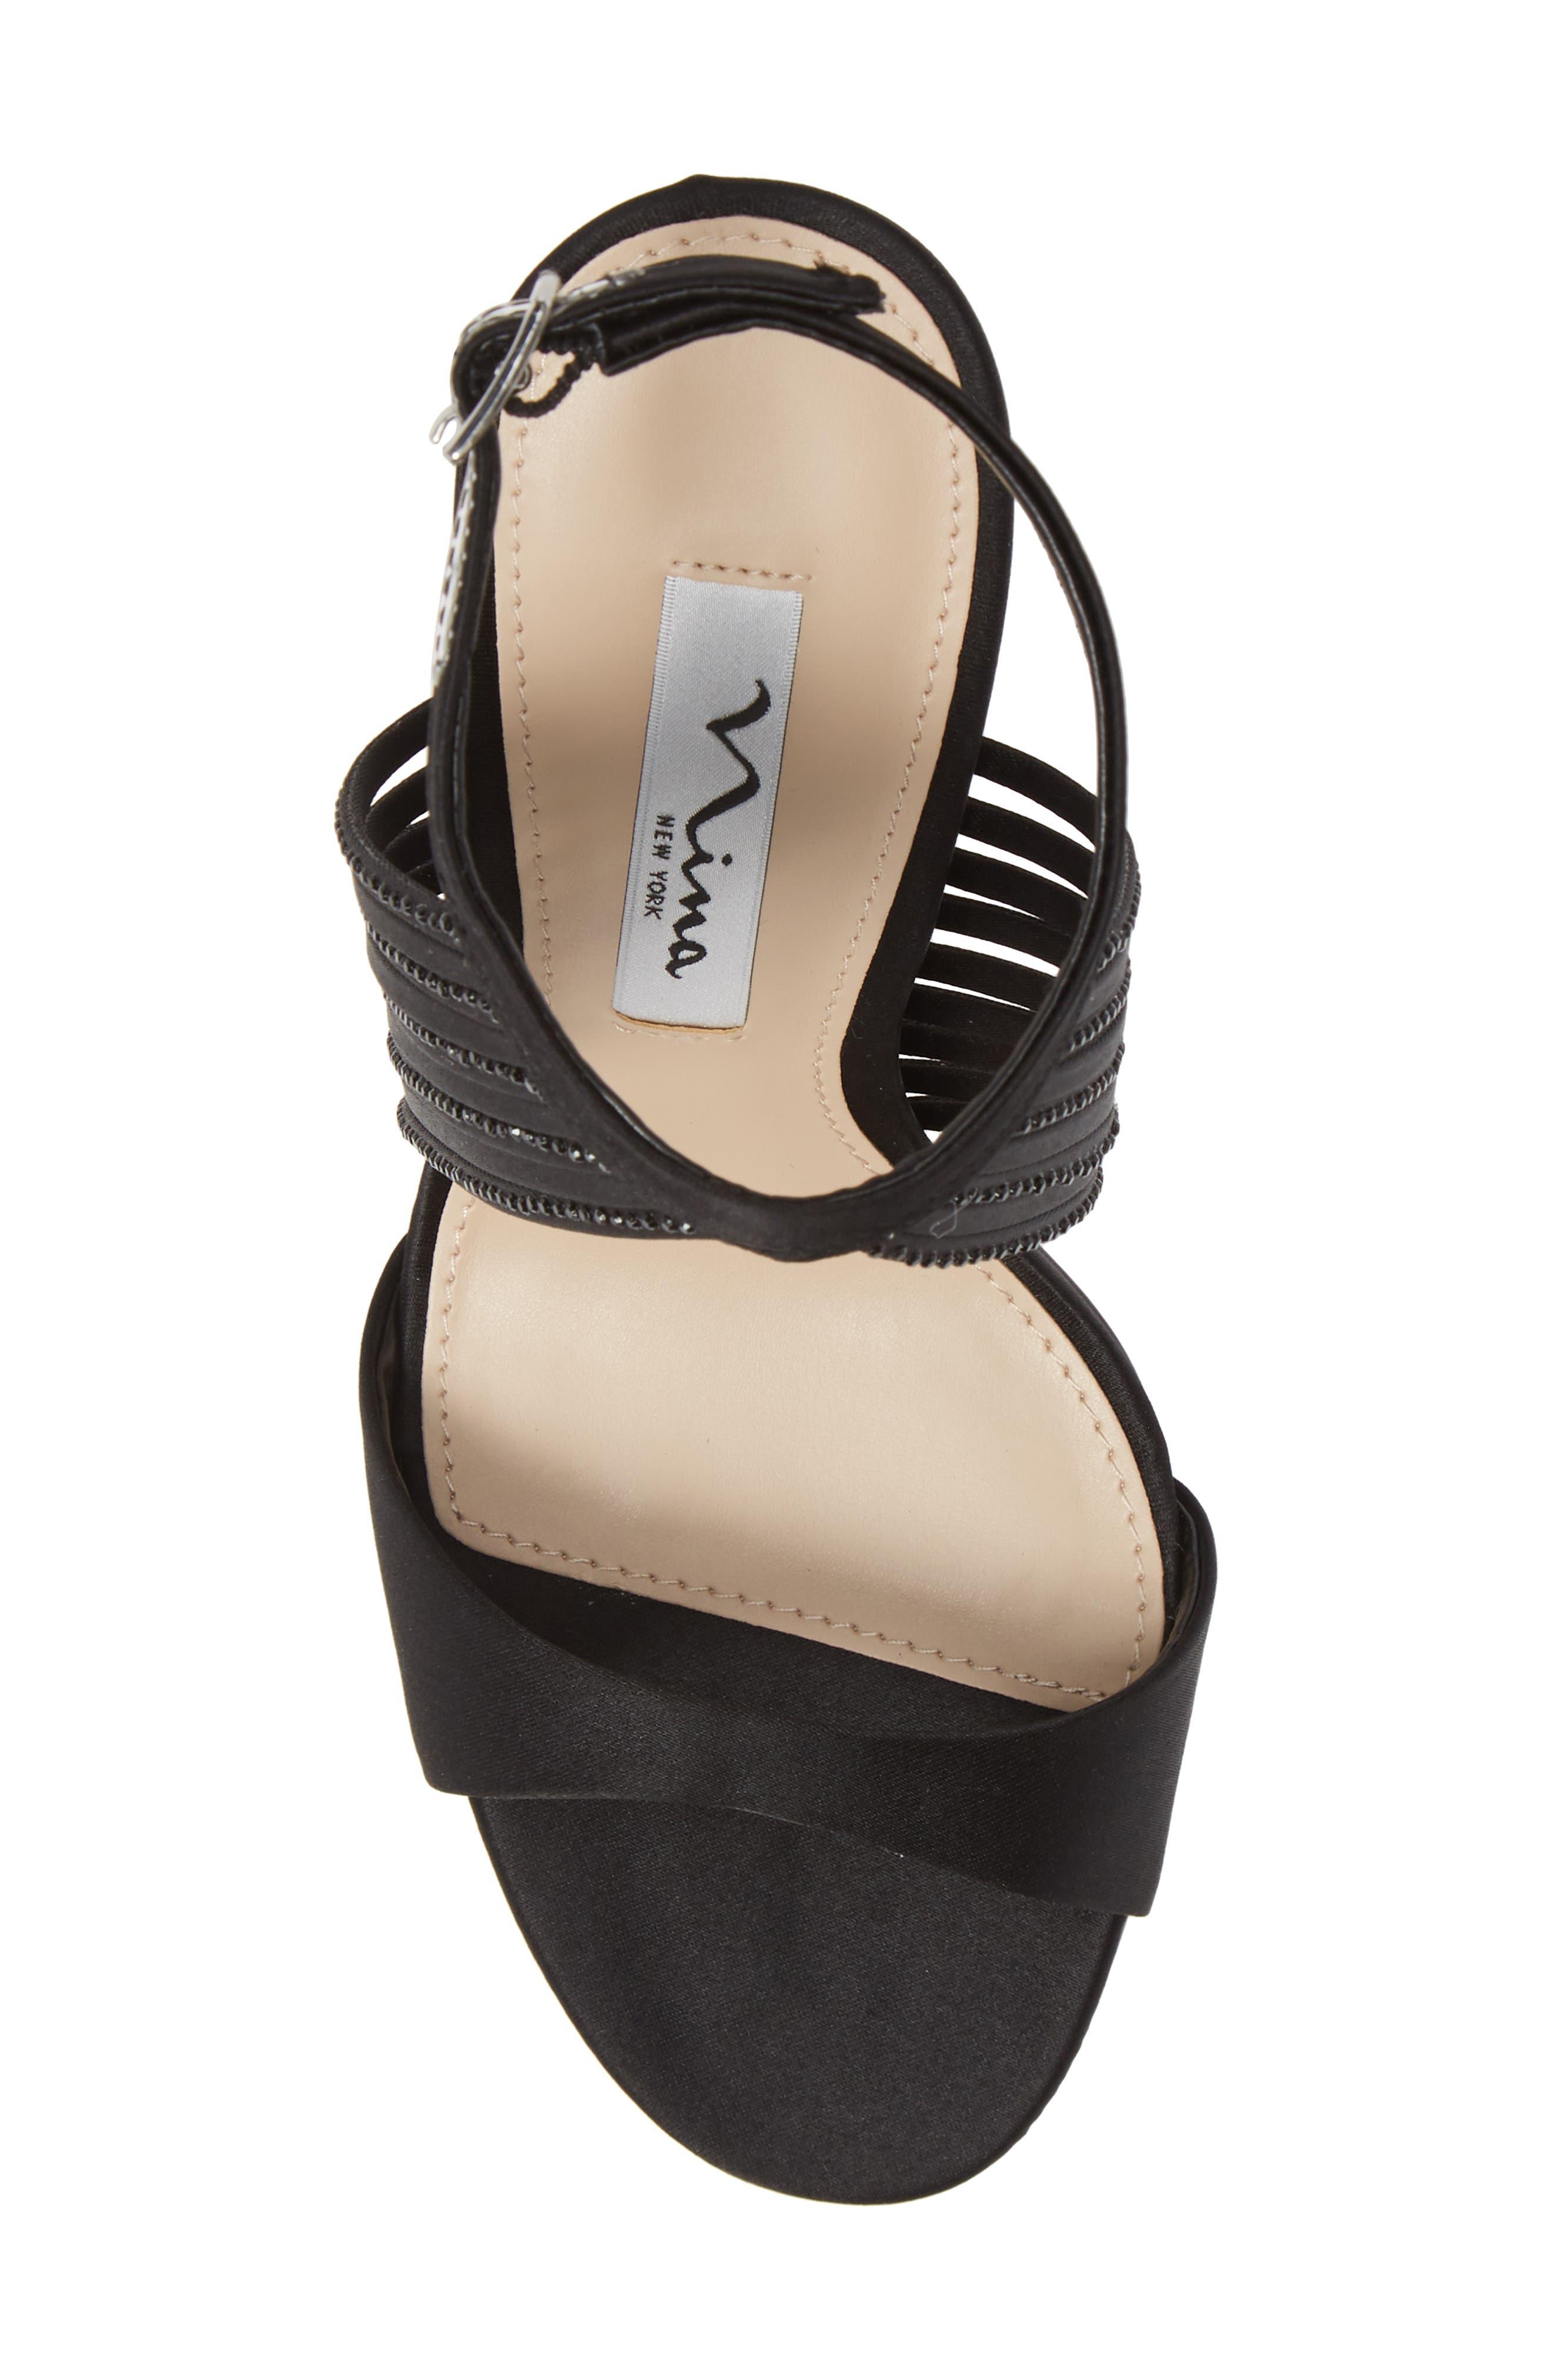 Damaris Crystal Embellished Sandal,                             Alternate thumbnail 5, color,                             BLACK SATIN